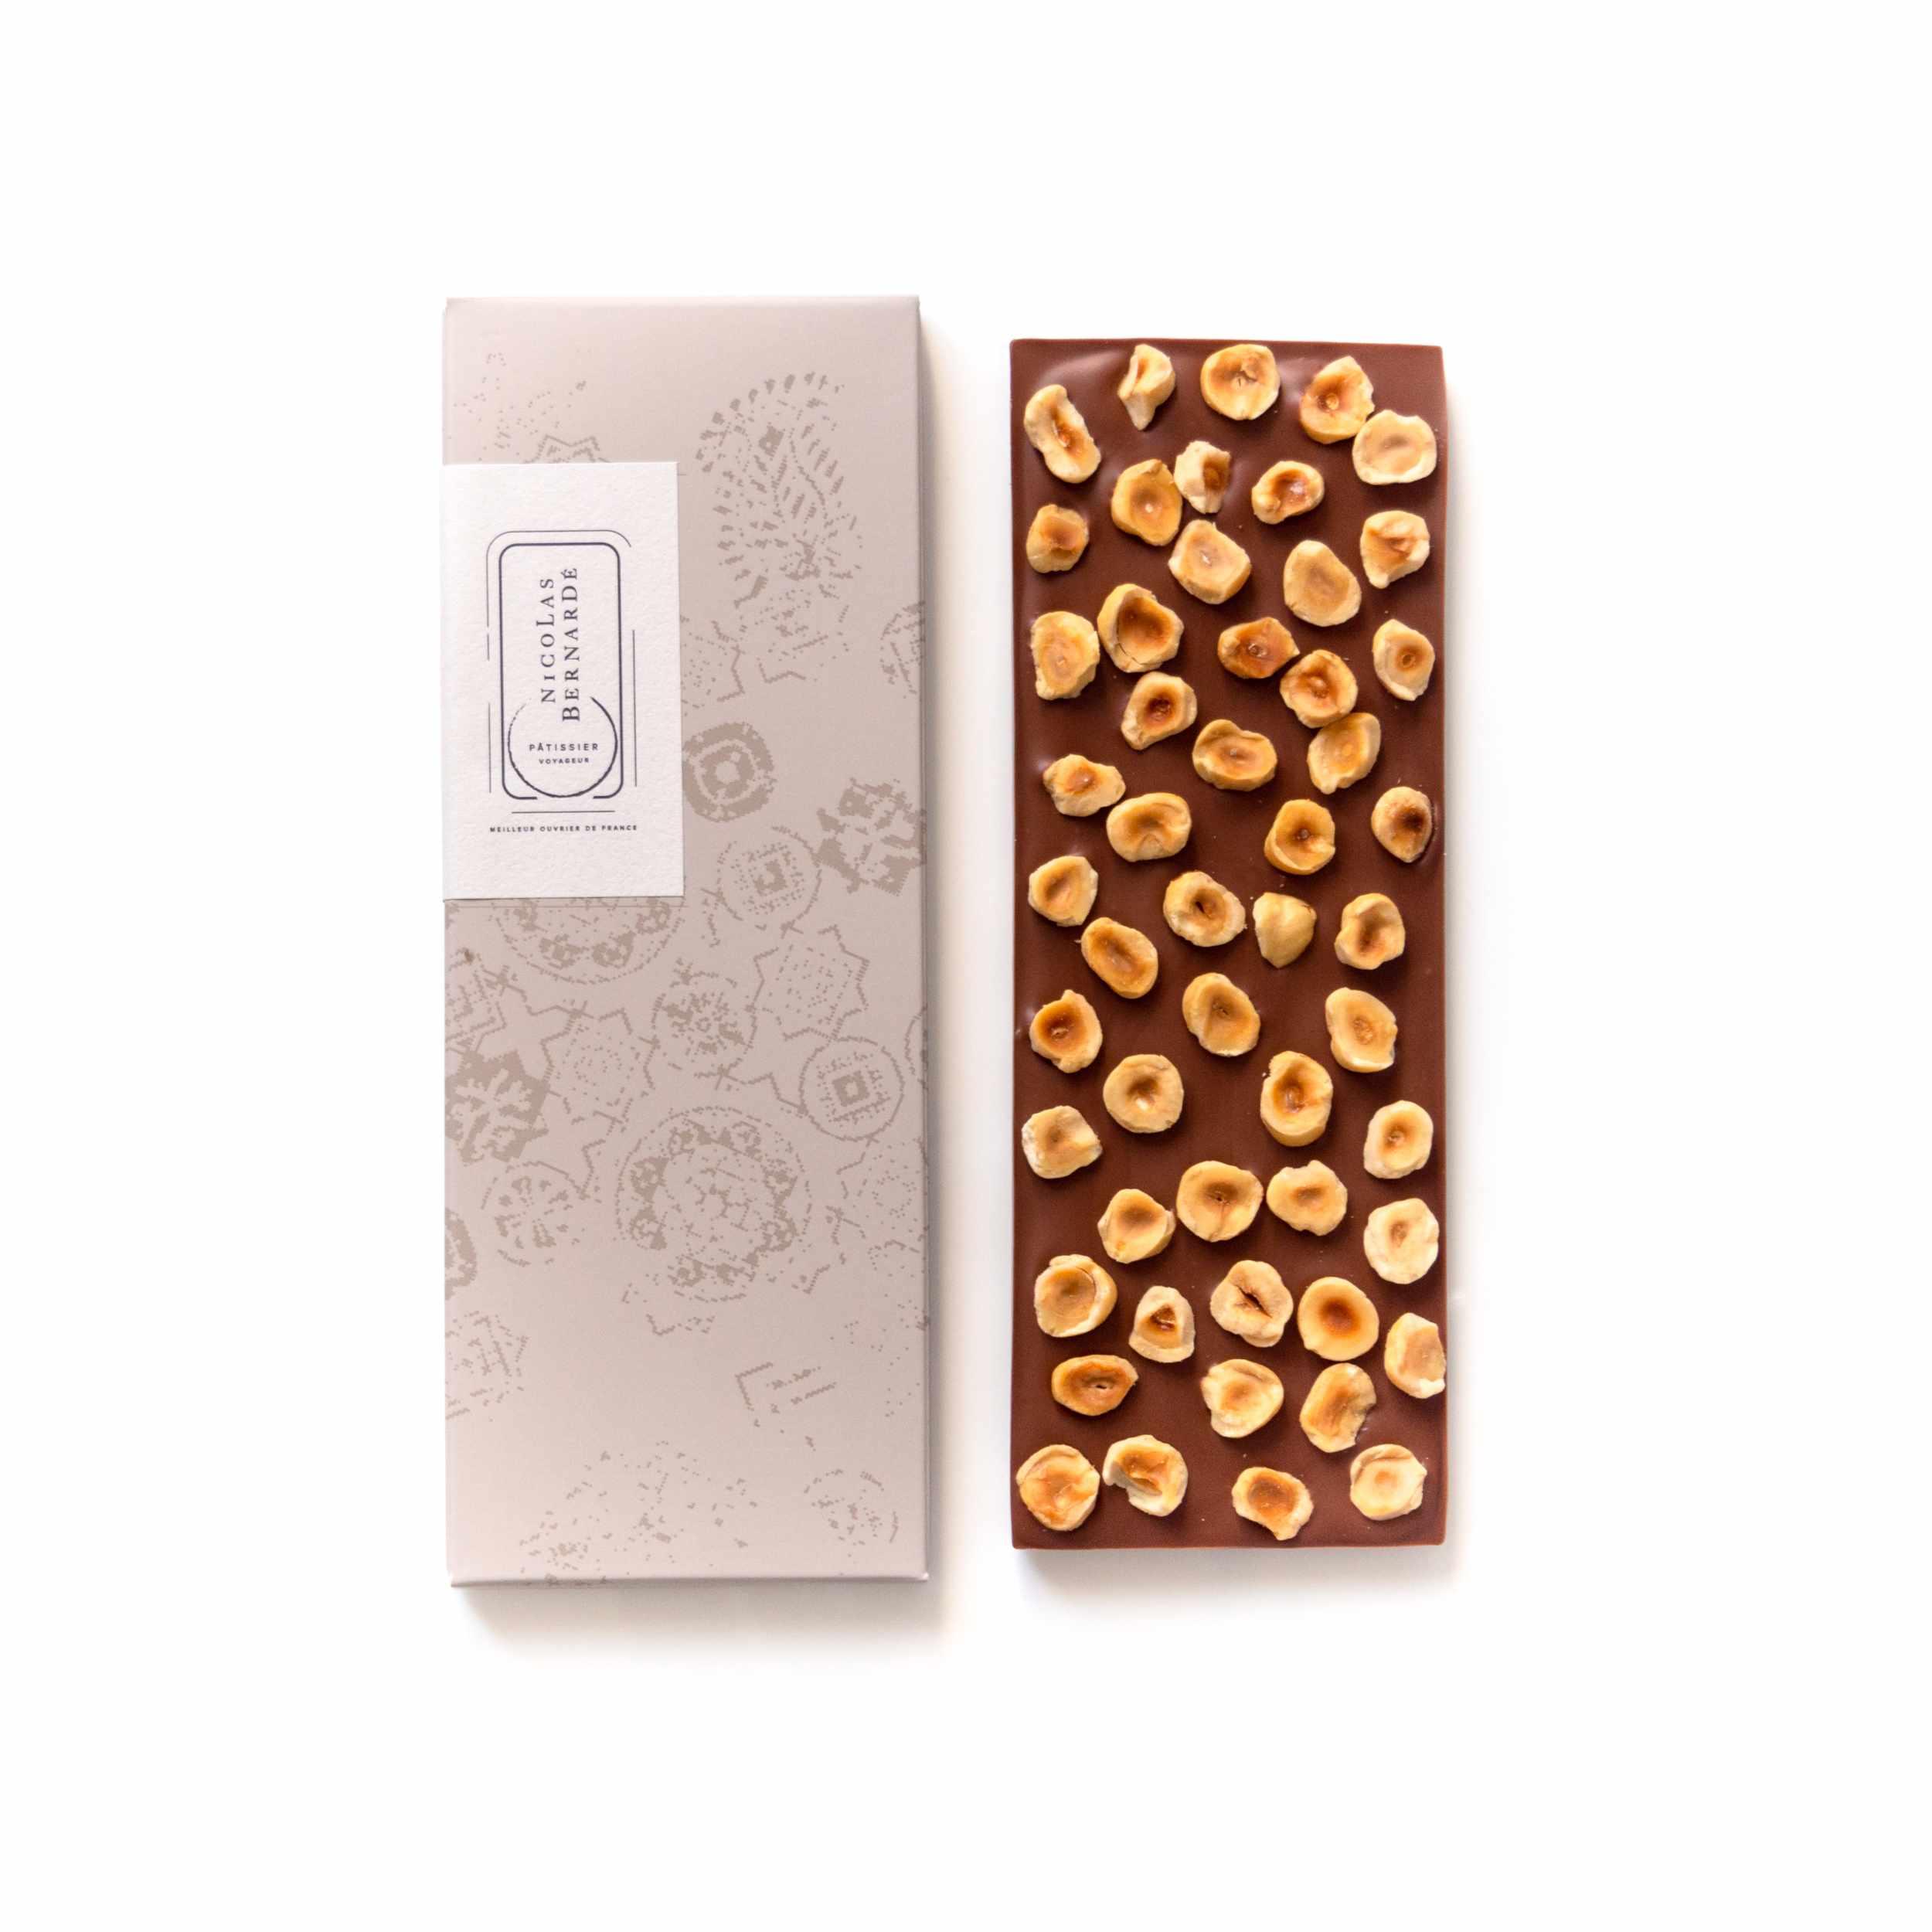 Tablettes chocolat lait enrichi Noisettes